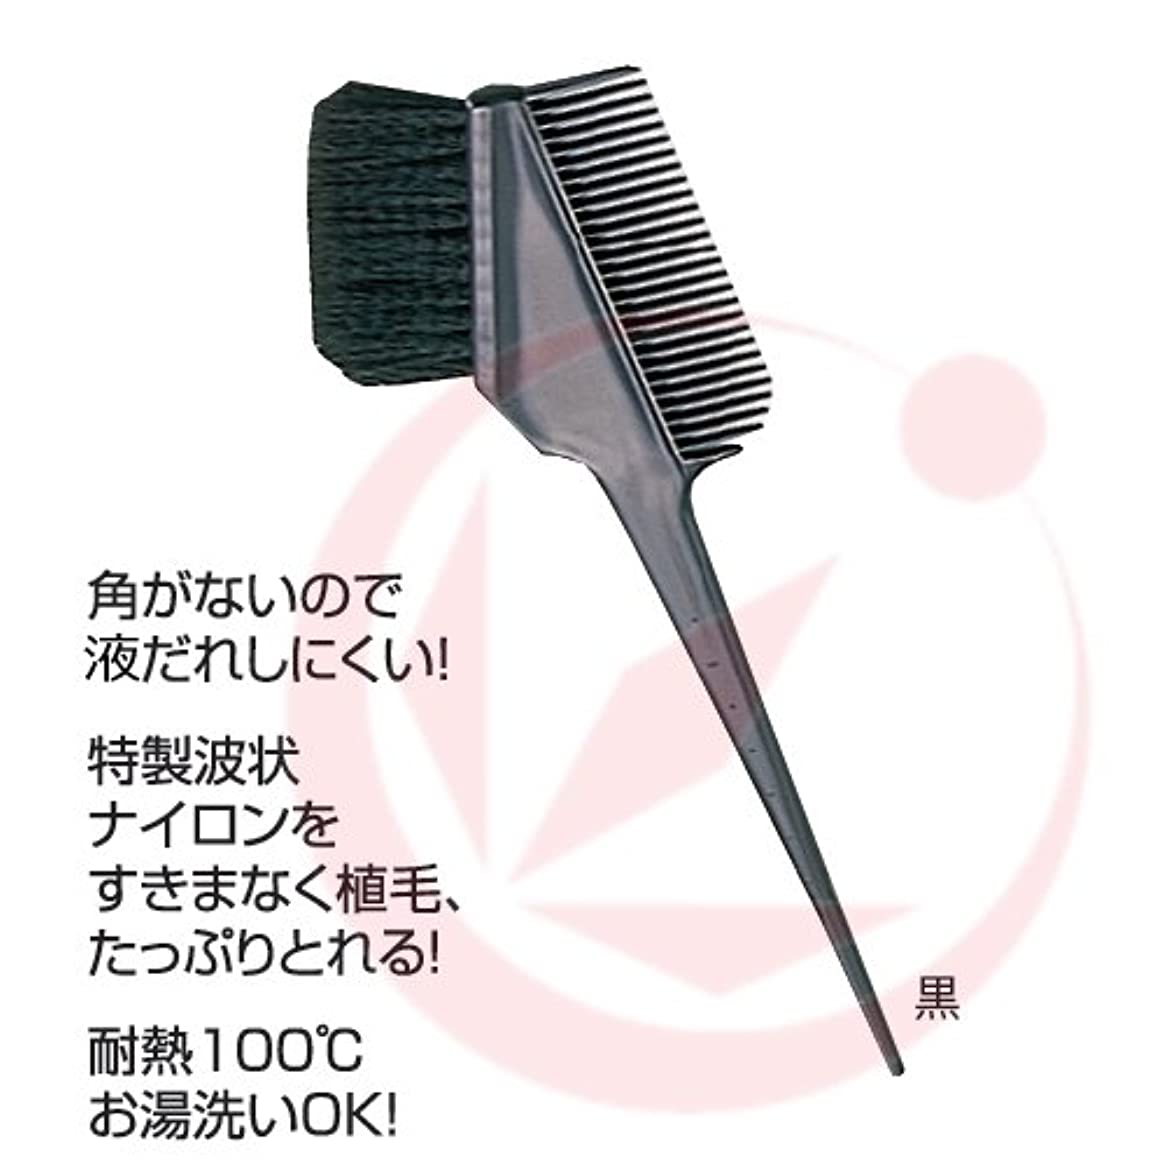 よろしくガイダンスサンビーK-60 ヘアダイコーム付ブラシ ベージュピンク(WB)